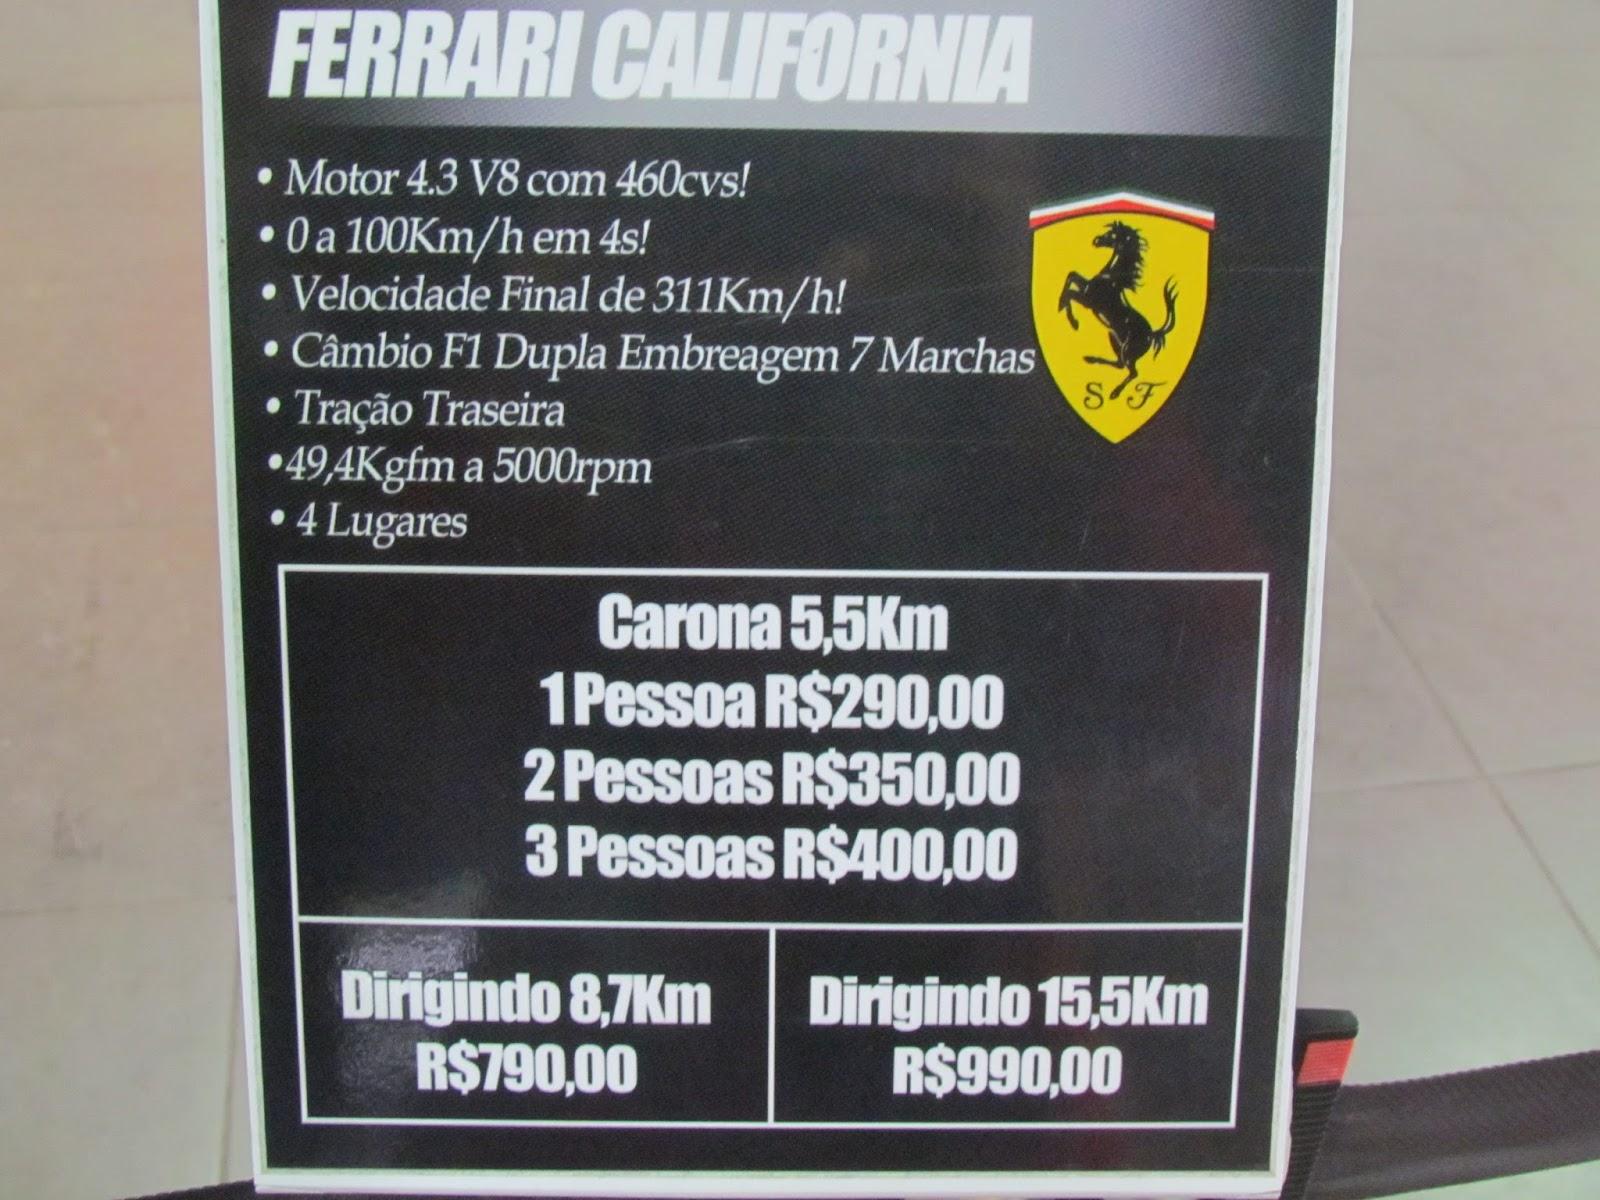 Quanto custa alugar uma Ferrari